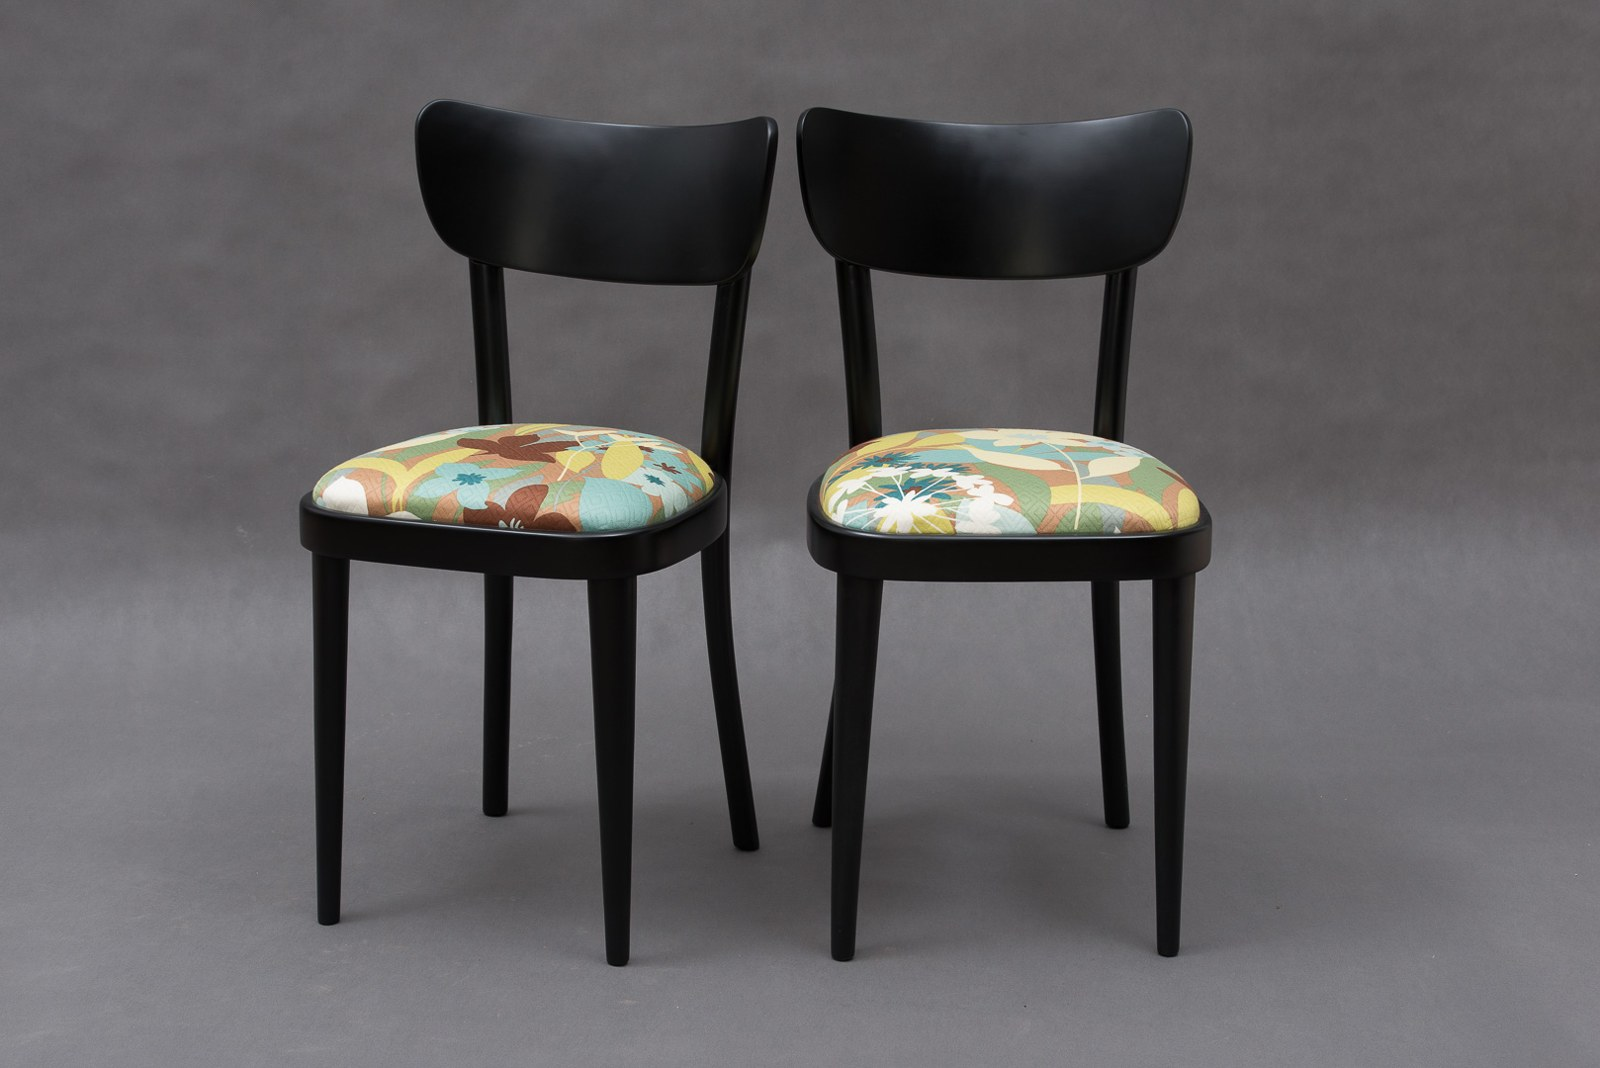 Obývák pro knihomoly - Takhle se budu snažit zrenovovat staré židle (fotka fler: charivari)